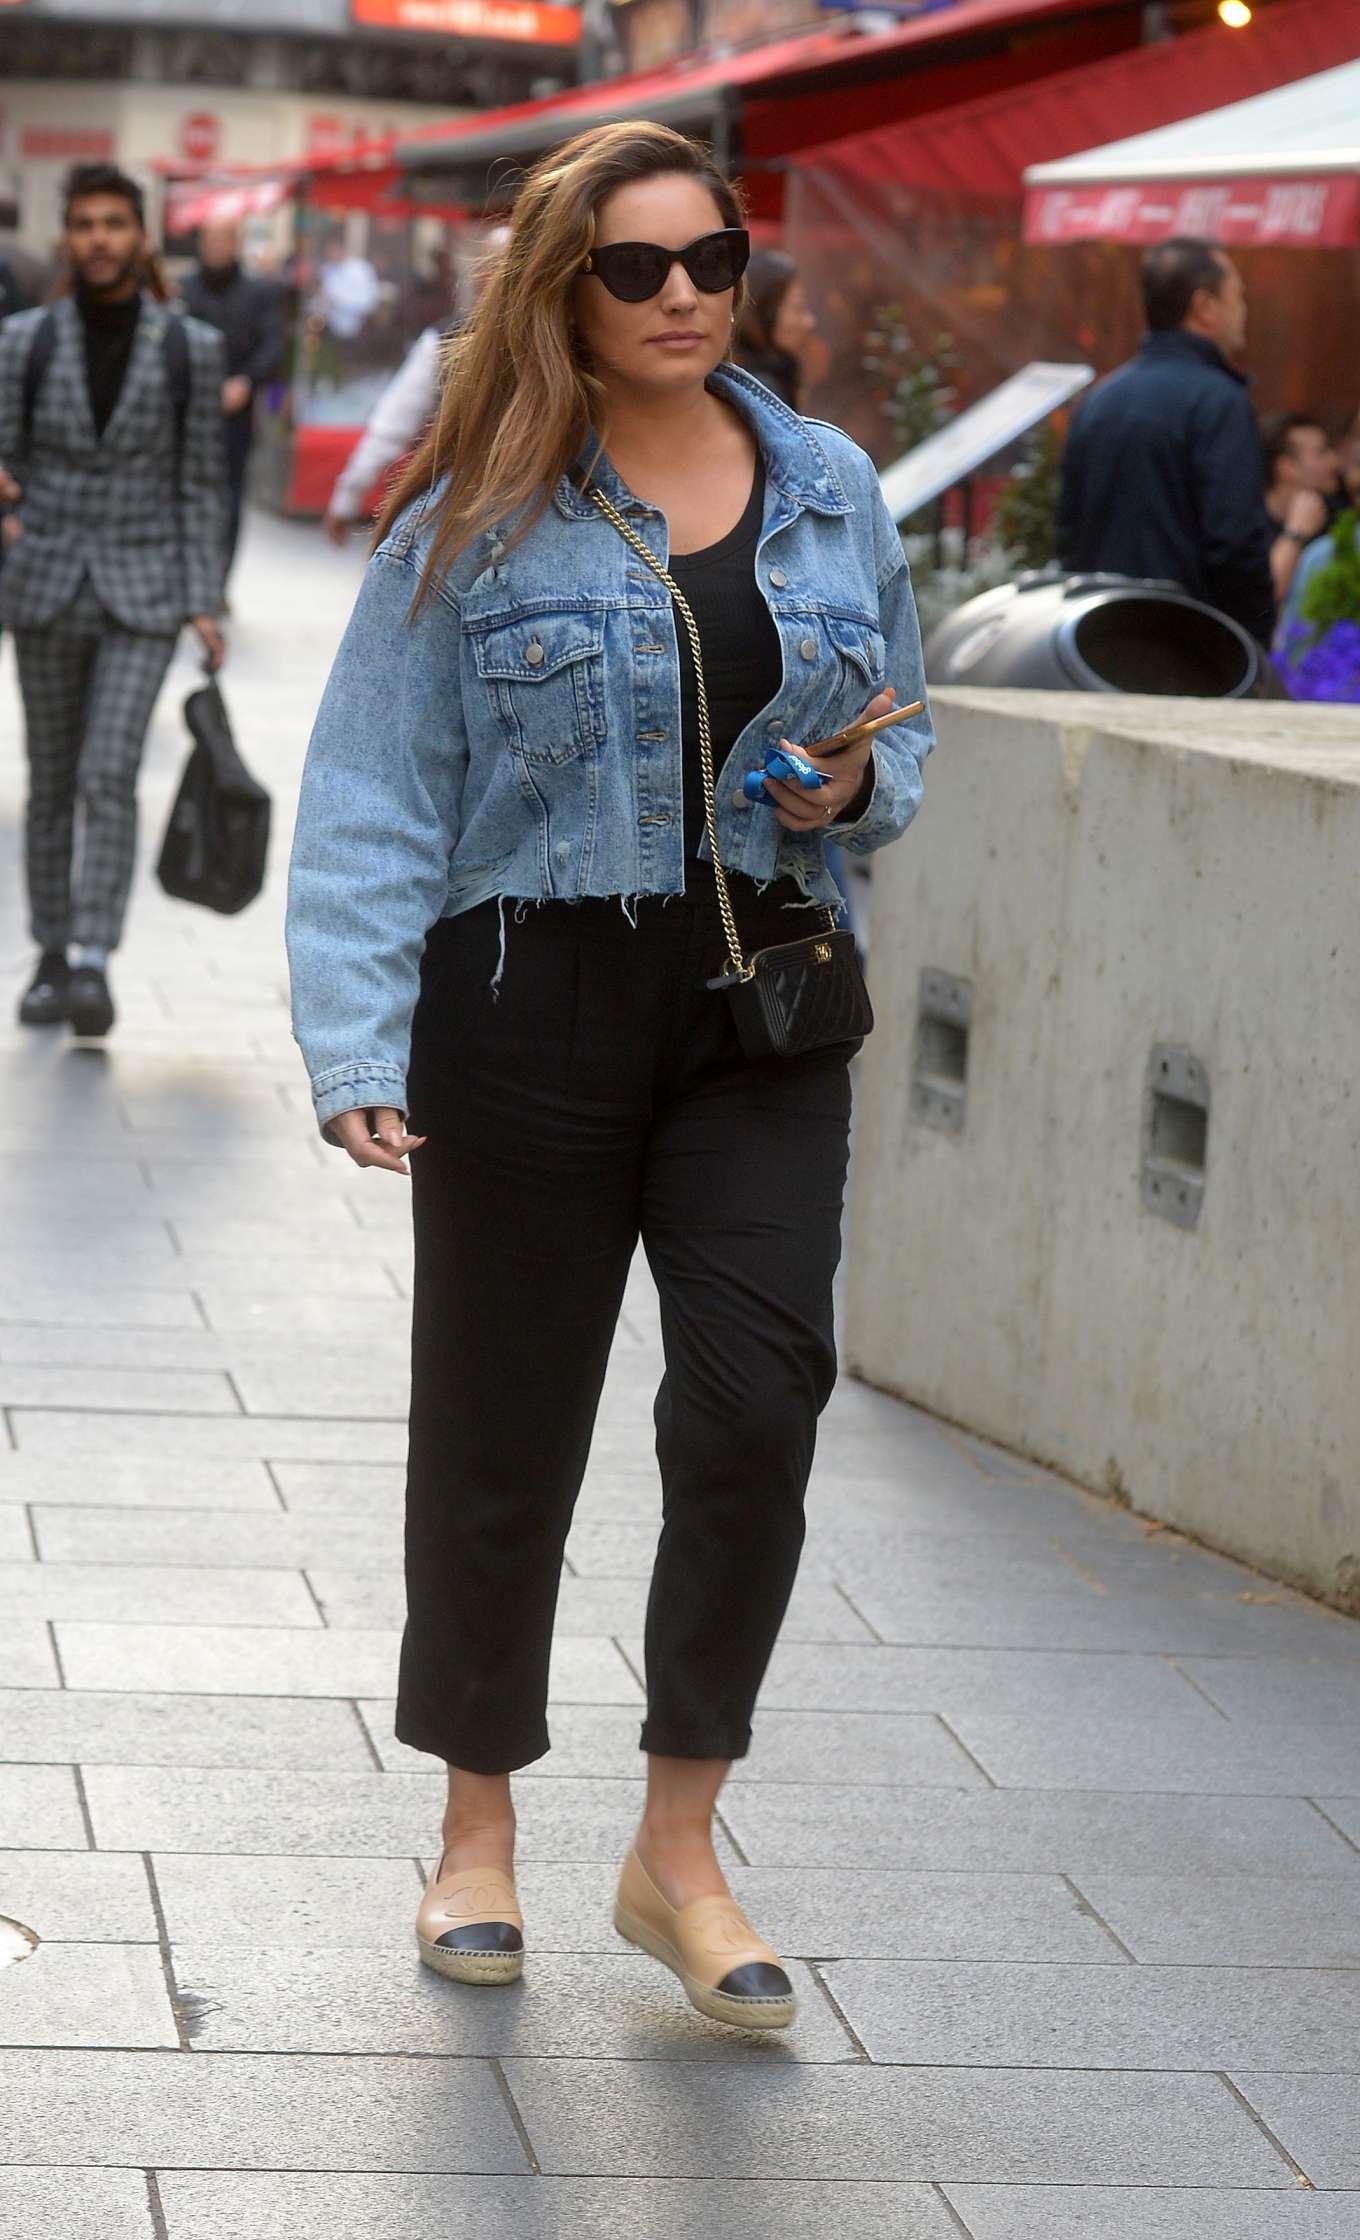 Kelly Brook in Jeans Jacket at Global Radio Studios in London